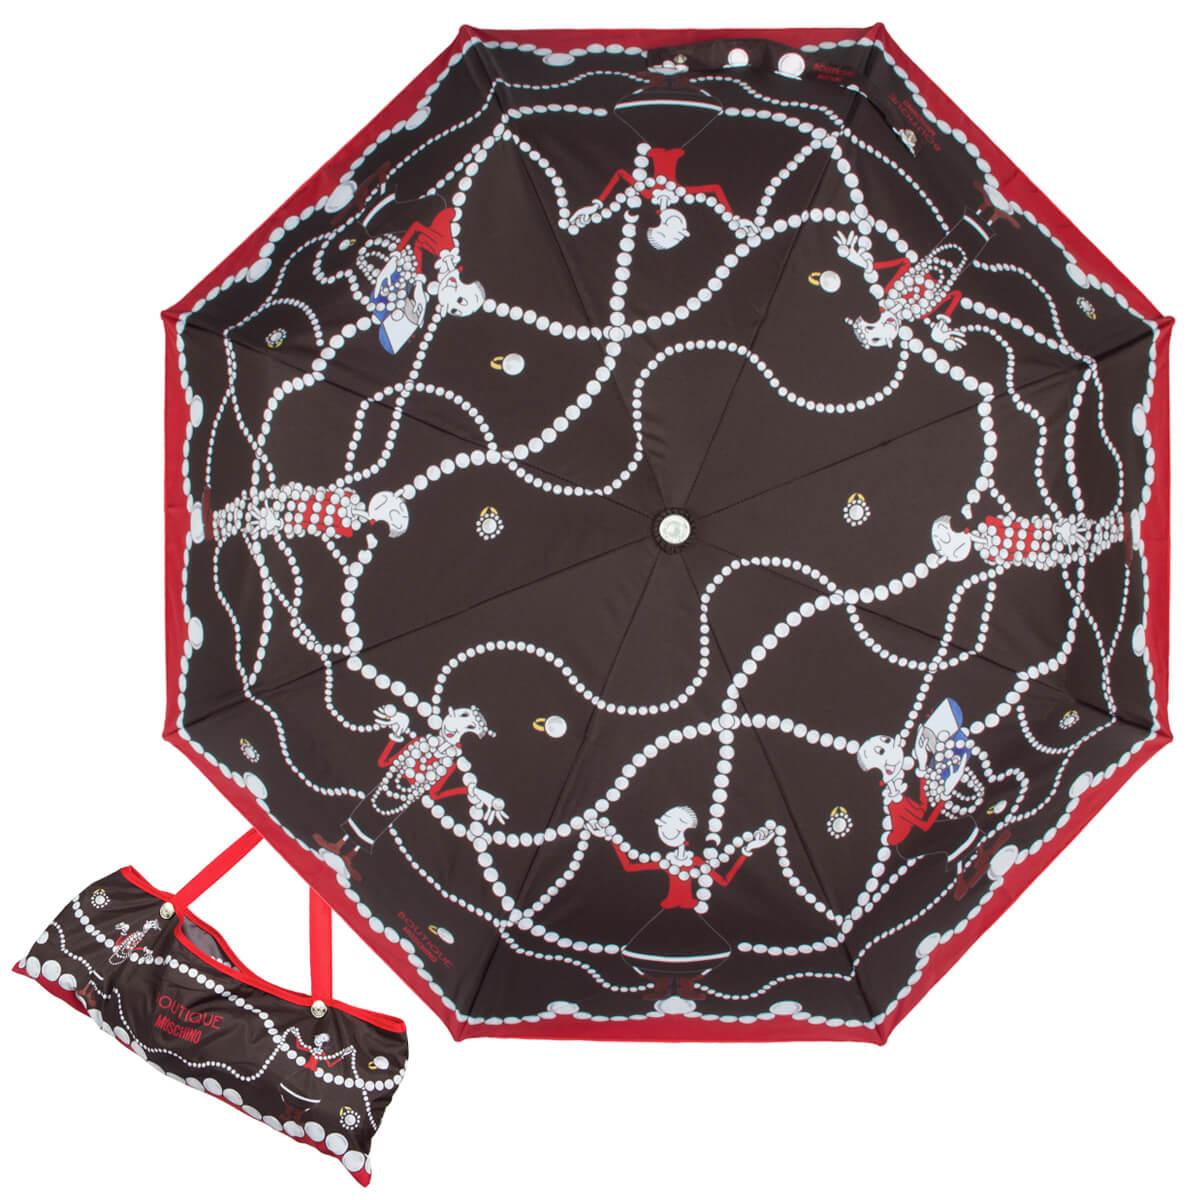 надежный зонт москино, купить в москве